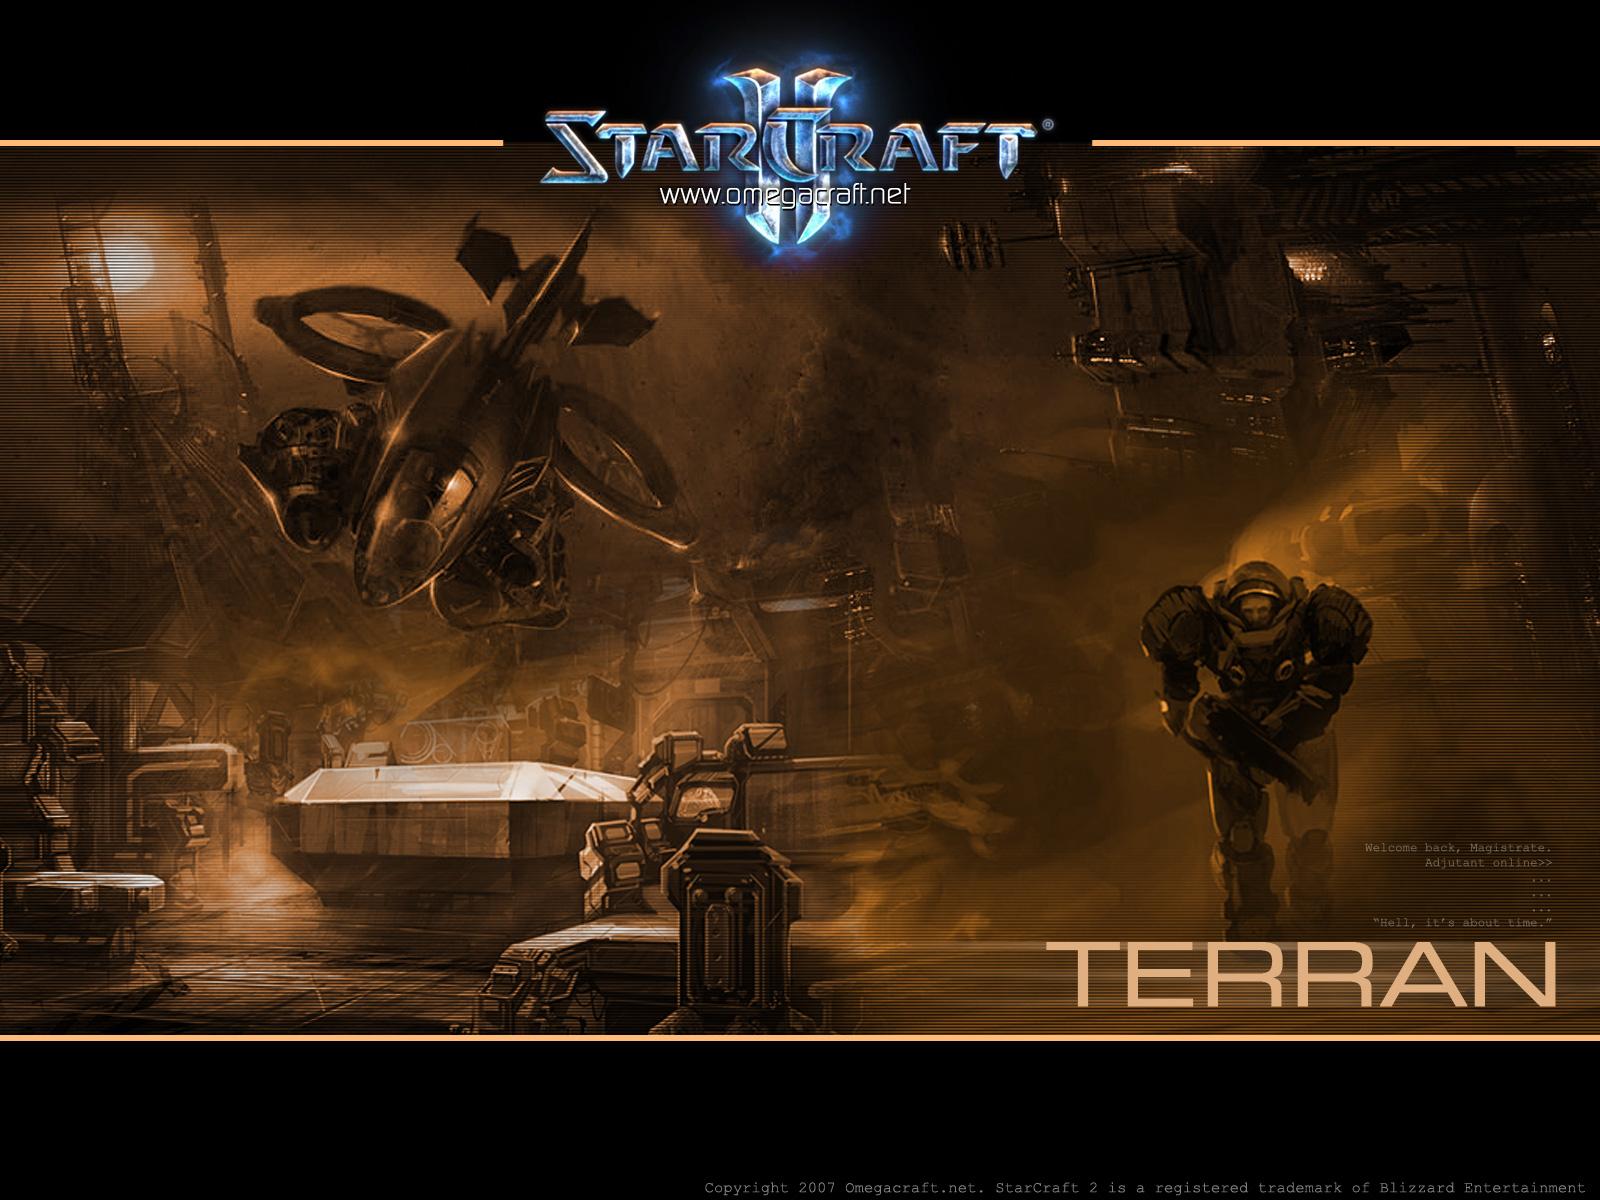 http://1.bp.blogspot.com/_QYGtLuIUiM4/TU86DW_OijI/AAAAAAAAABQ/FeyWnkBh-vI/s1600/69730d1280361949-console-games-wallpapers-starcraft_2_terran_wallpaper_by_maul.jpg